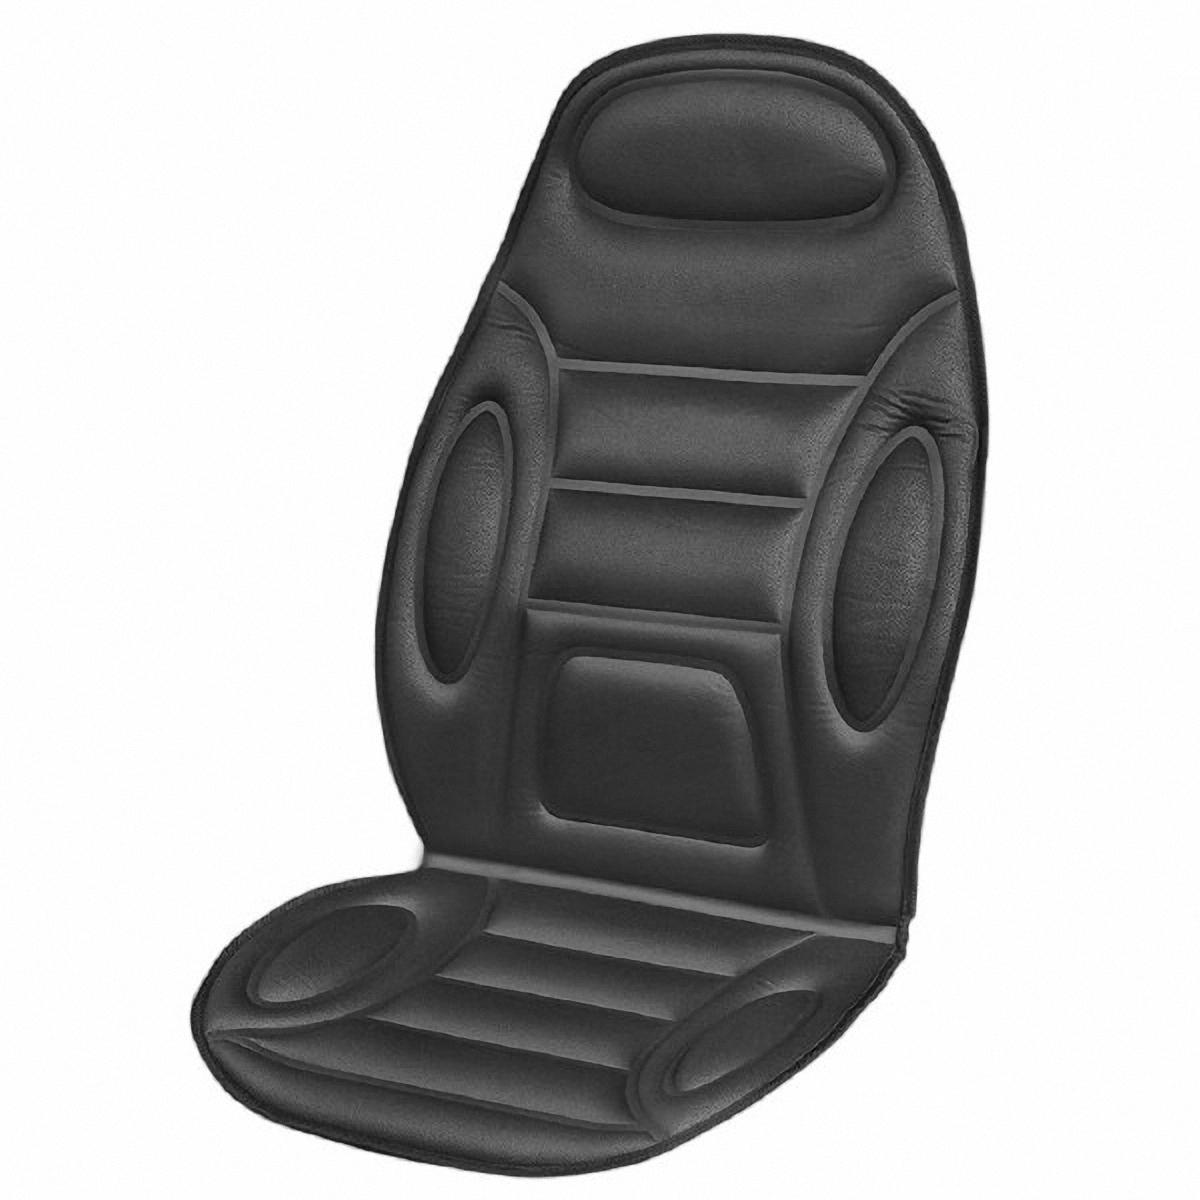 Подогрев для сиденья Skyway, со спинкой, цвет: черный, 120 х 51 смVCA-00В подогреве для сиденья Skyway в качестве теплоносителя применяется углеродный материал. Такой нагреватель обладает феноменальной гибкостью и прочностью на разрыв в отличие от аналогов, изготовленных из медного или иного металлического провода.Особенности:- Универсальный размер.- Снижает усталость при управлении автомобилем.- Обеспечивает комфортное вождение в холодное время года.- Простая и быстрая установка.- Умеренный и интенсивный режим нагрева.- Терморегулятор для изменения интенсивности нагрева.- Защита крепления шнура питания к подогреву.Устройство подключается к прикуривателю на 12Вbr>Сила тока: 4-4,5 А.Напряжение: 12В.Мощность: 48-54 Ватт.